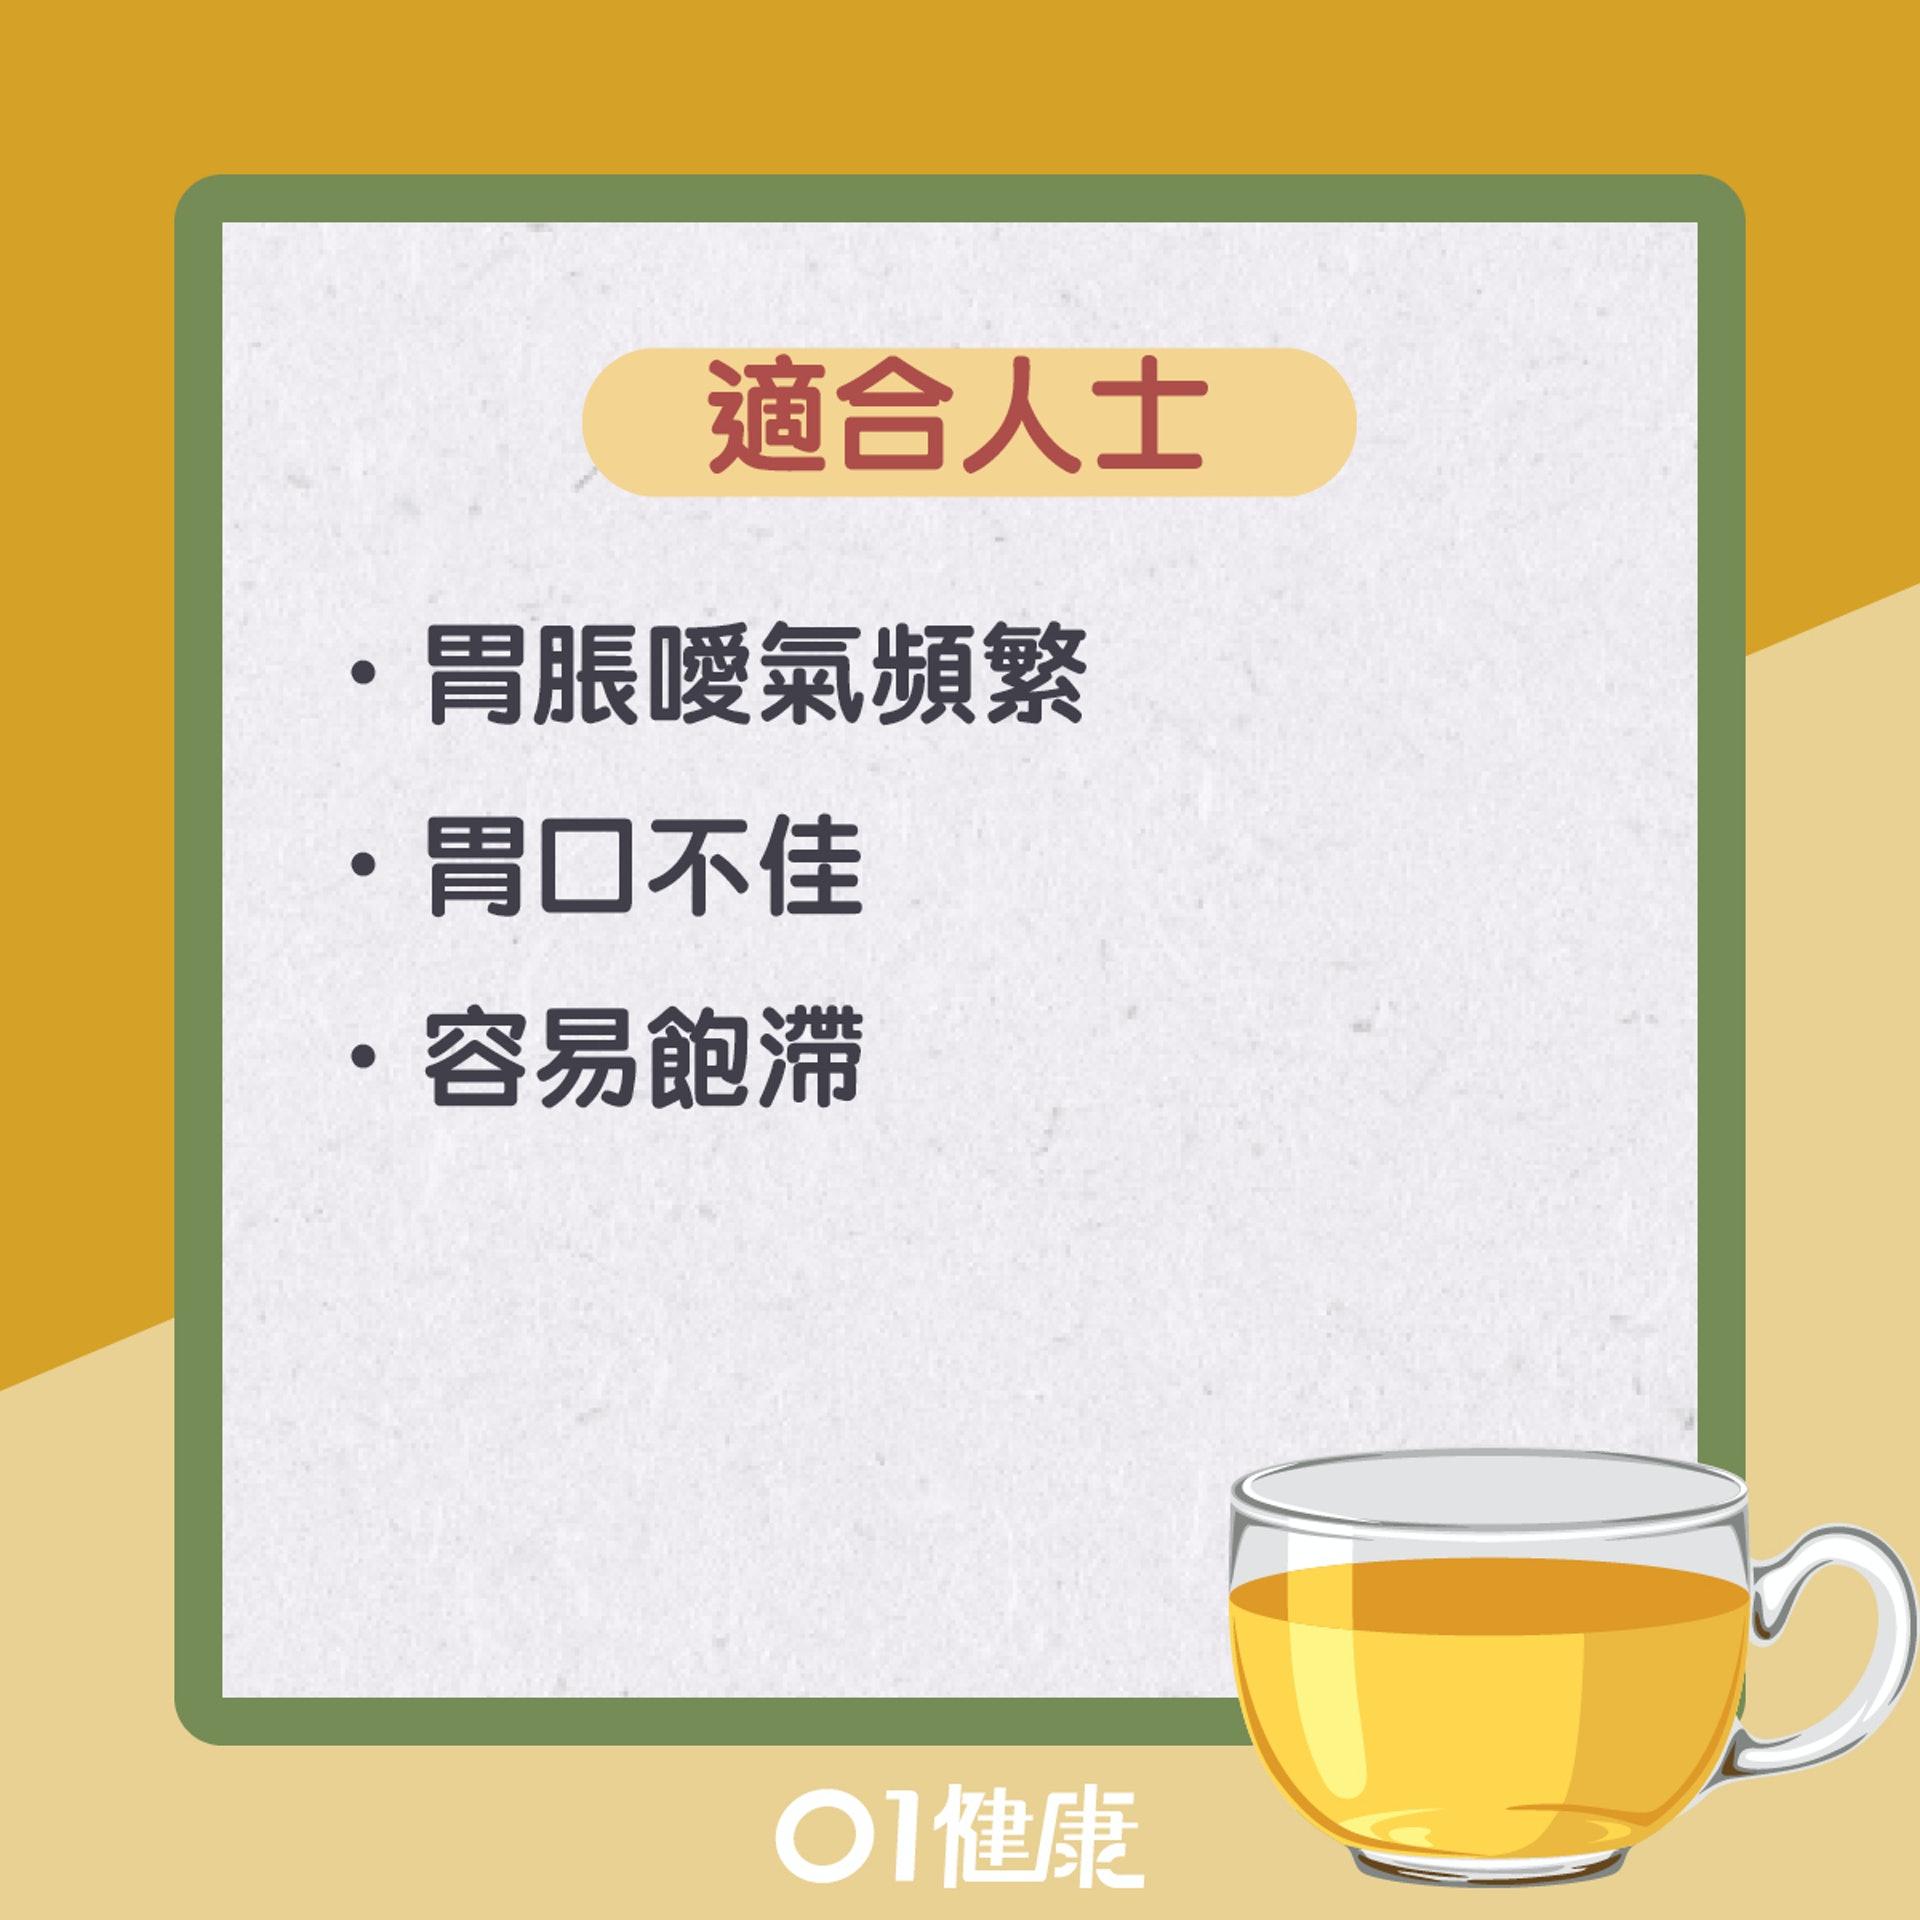 桂花山楂茶(01製圖)